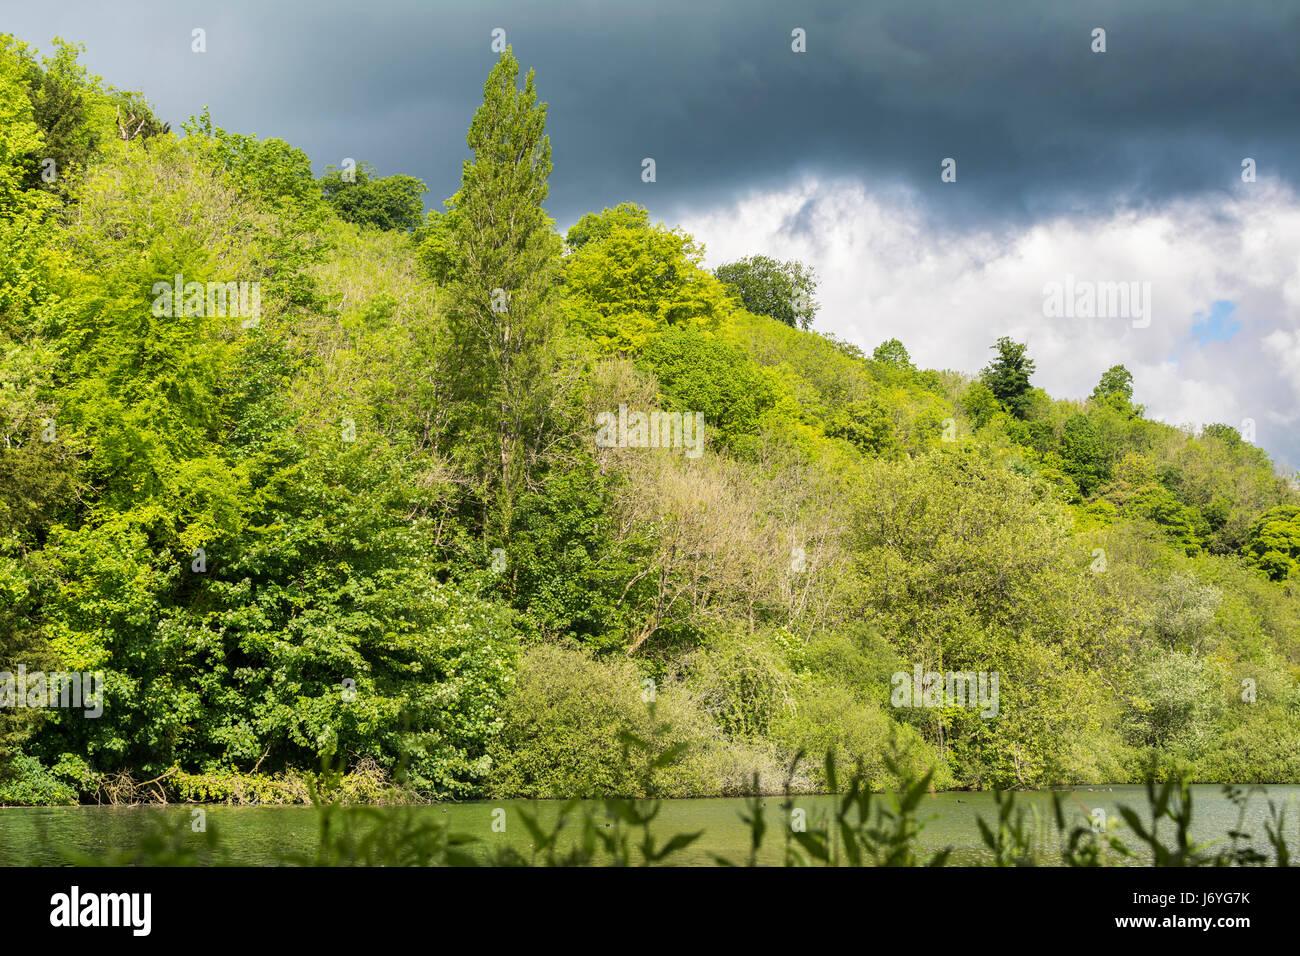 Nubes de tormenta acercándose a lo largo de bosque en un día soleado con anterioridad. Imagen De Stock